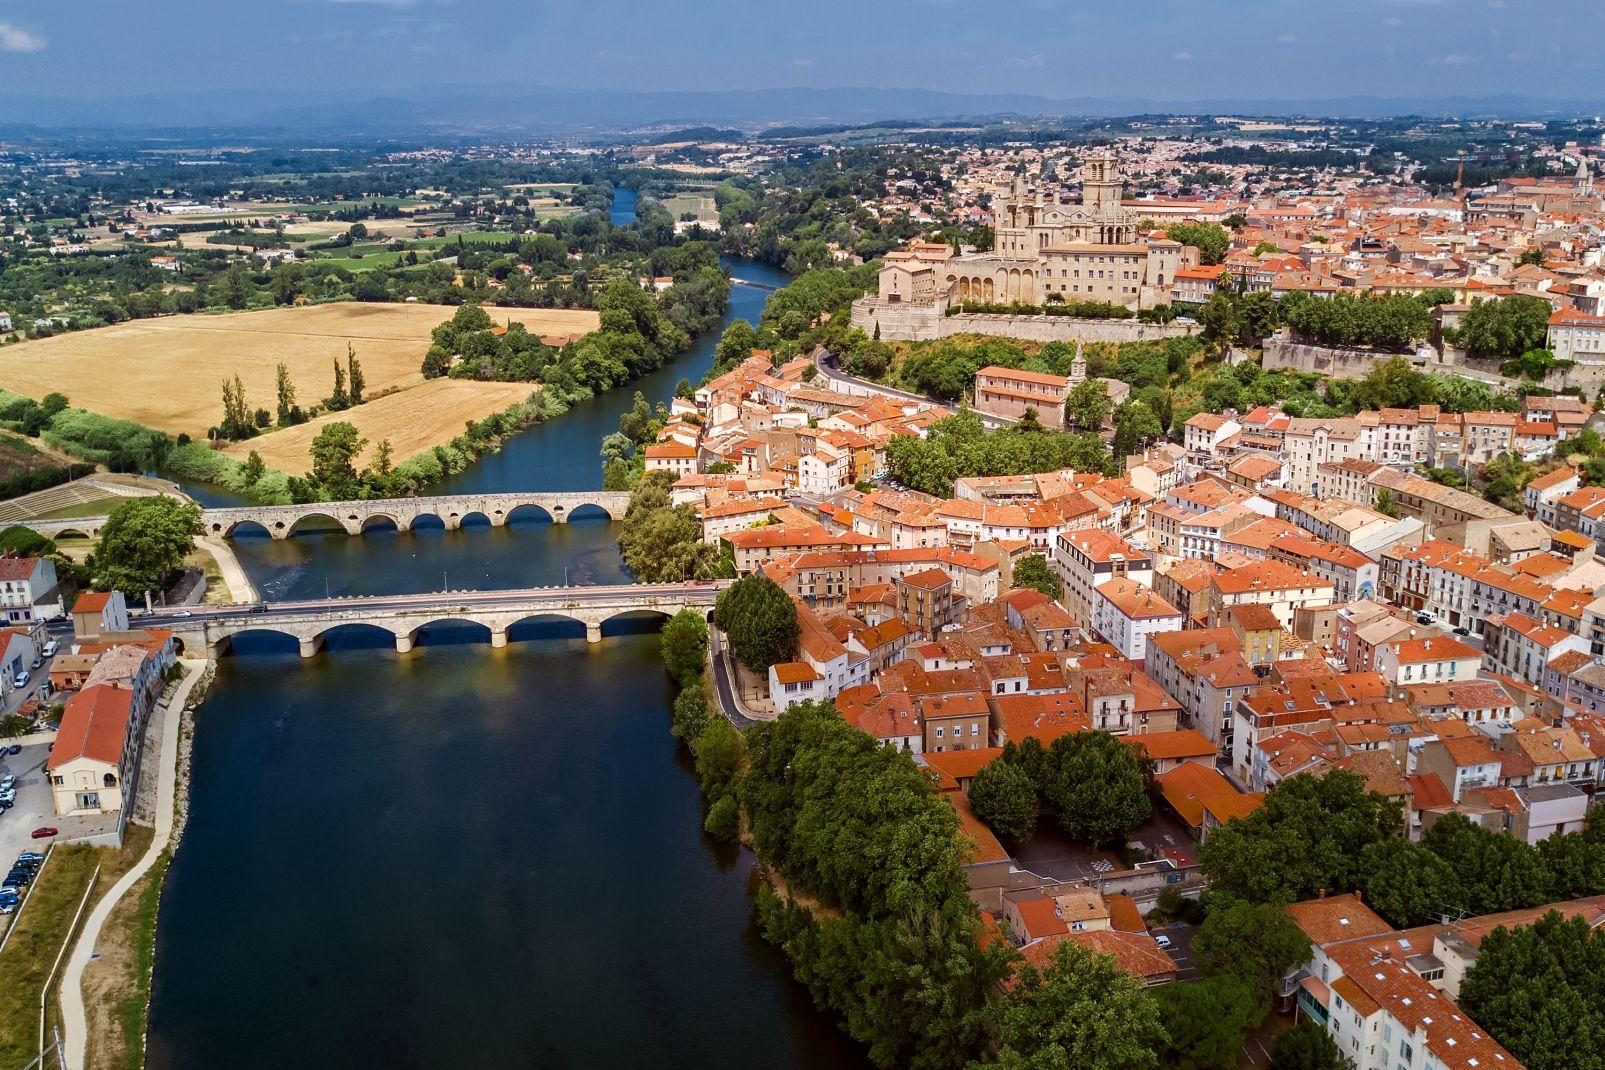 Béziers, Languedoc-Roussillon, France, Béziers